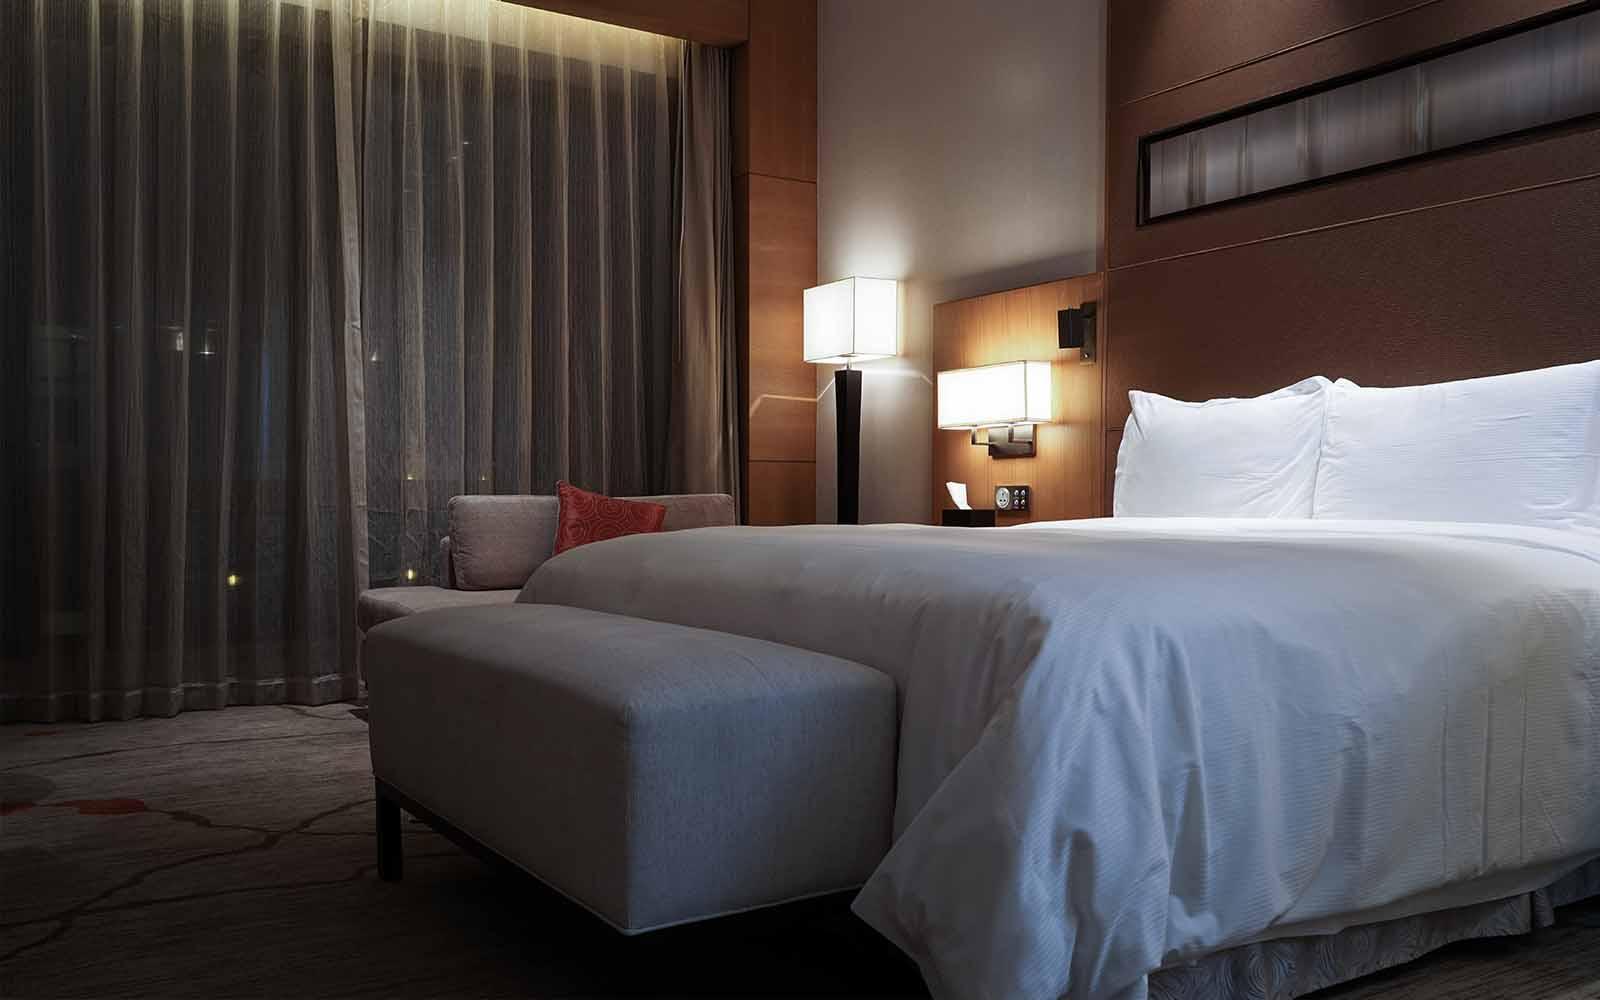 CORTINAS OPACAS PARA HOTELES: TIPOS DE TEJIDO